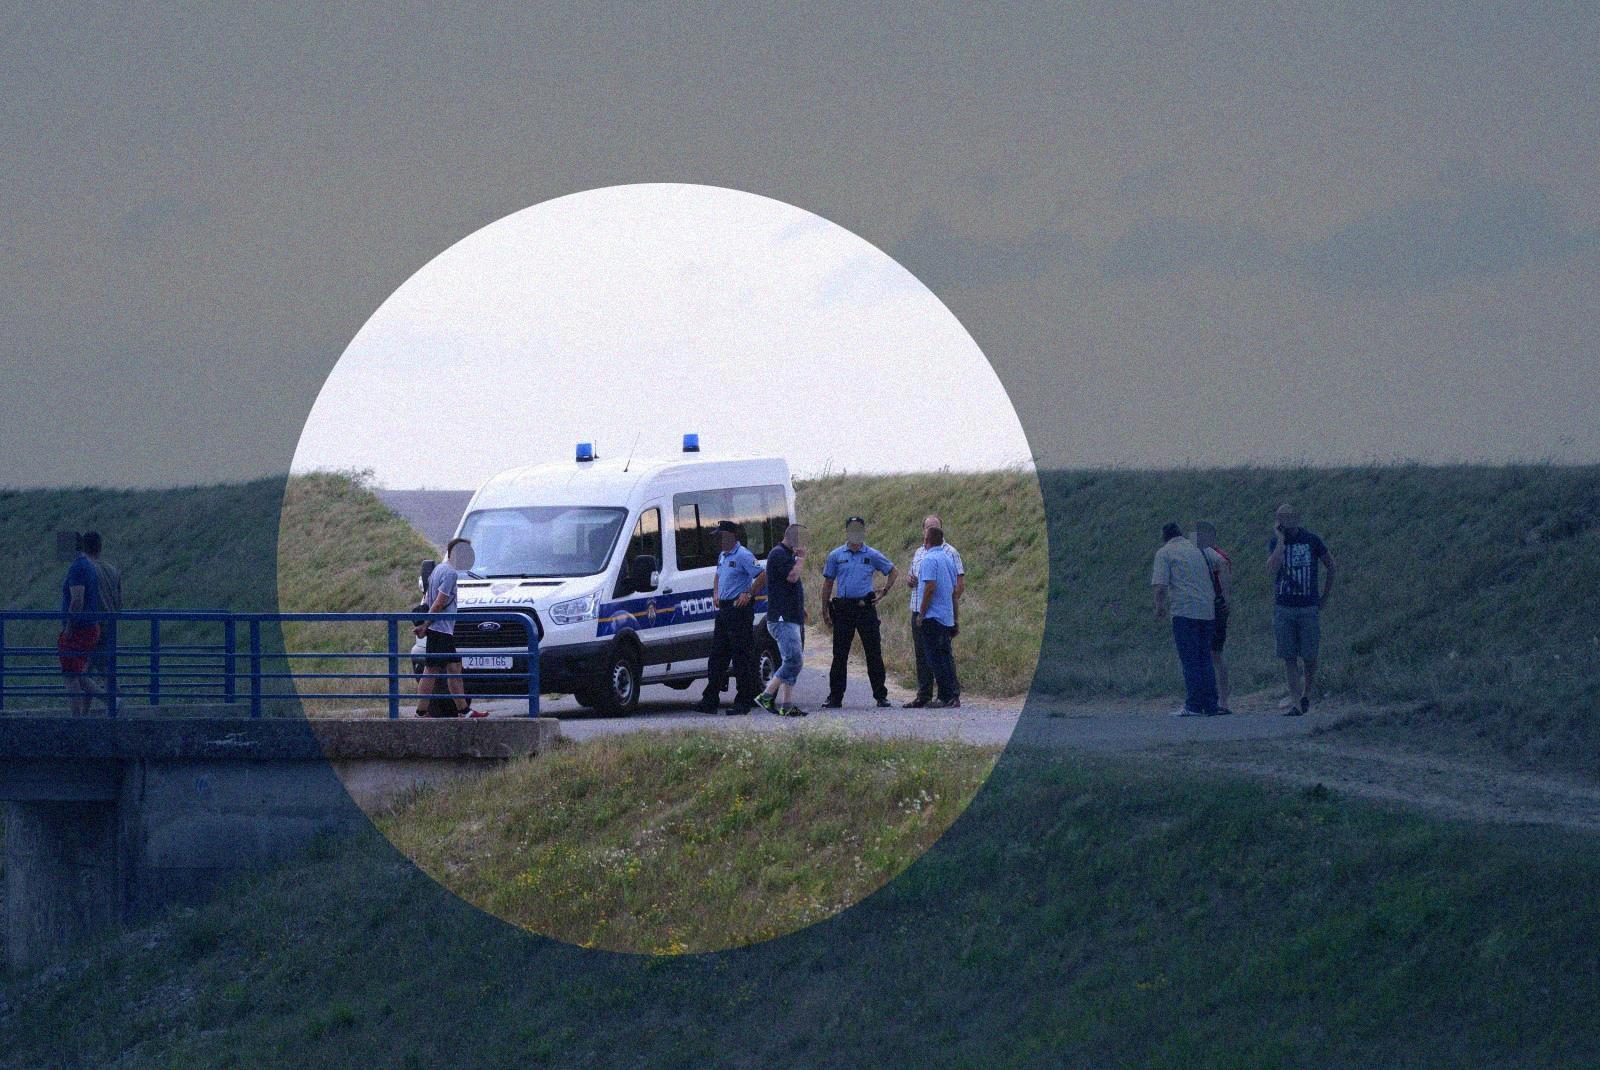 U Lučkom je u kanalu kraj ceste pronađeno tijelo žene. Izgleda da ju je netko udario autom i pobjegao